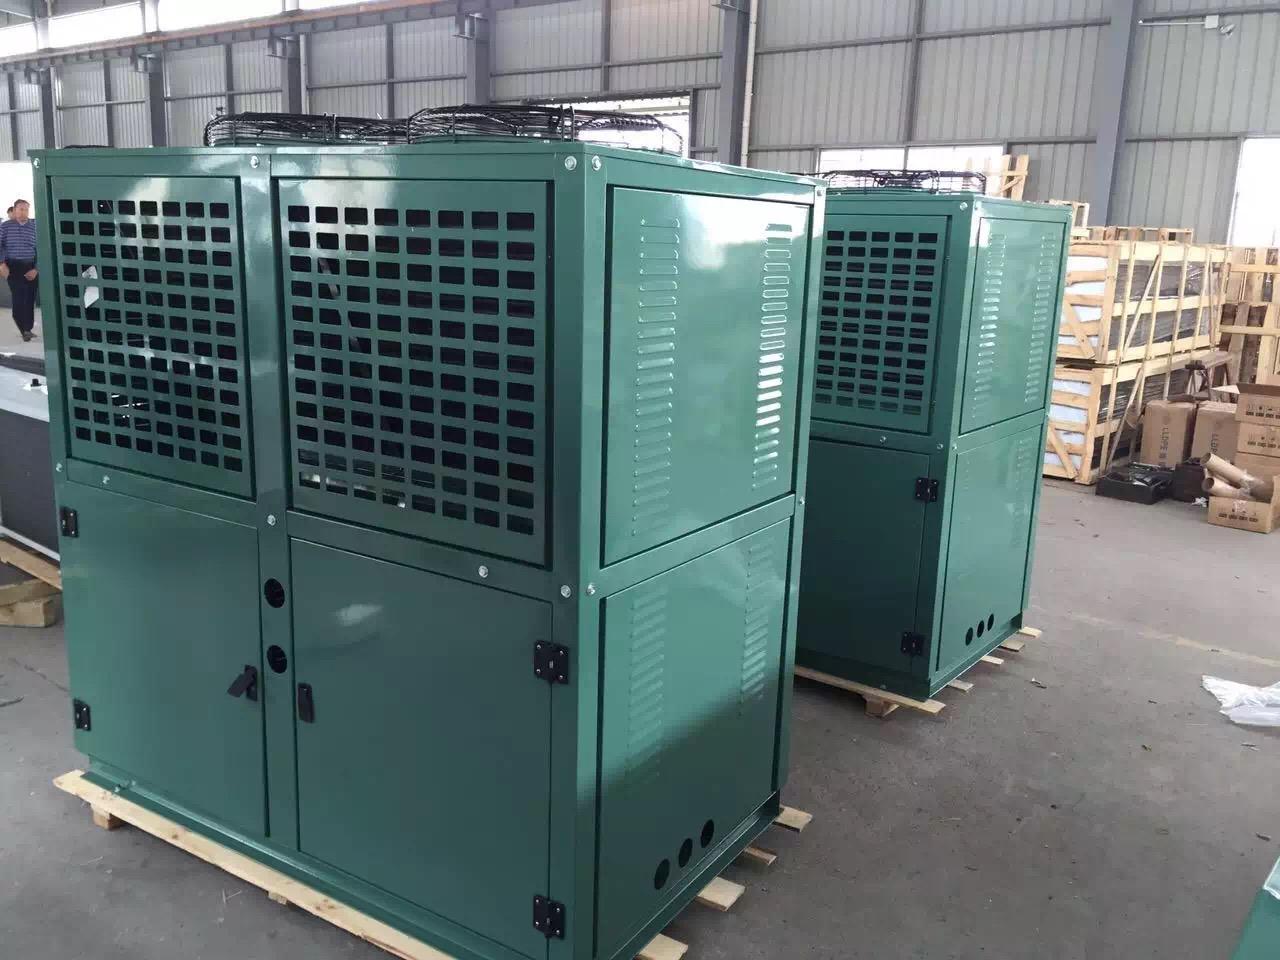 沈阳空调维修 移机 清洗 制冷设图片/沈阳空调维修 移机 清洗 制冷设样板图 (1)